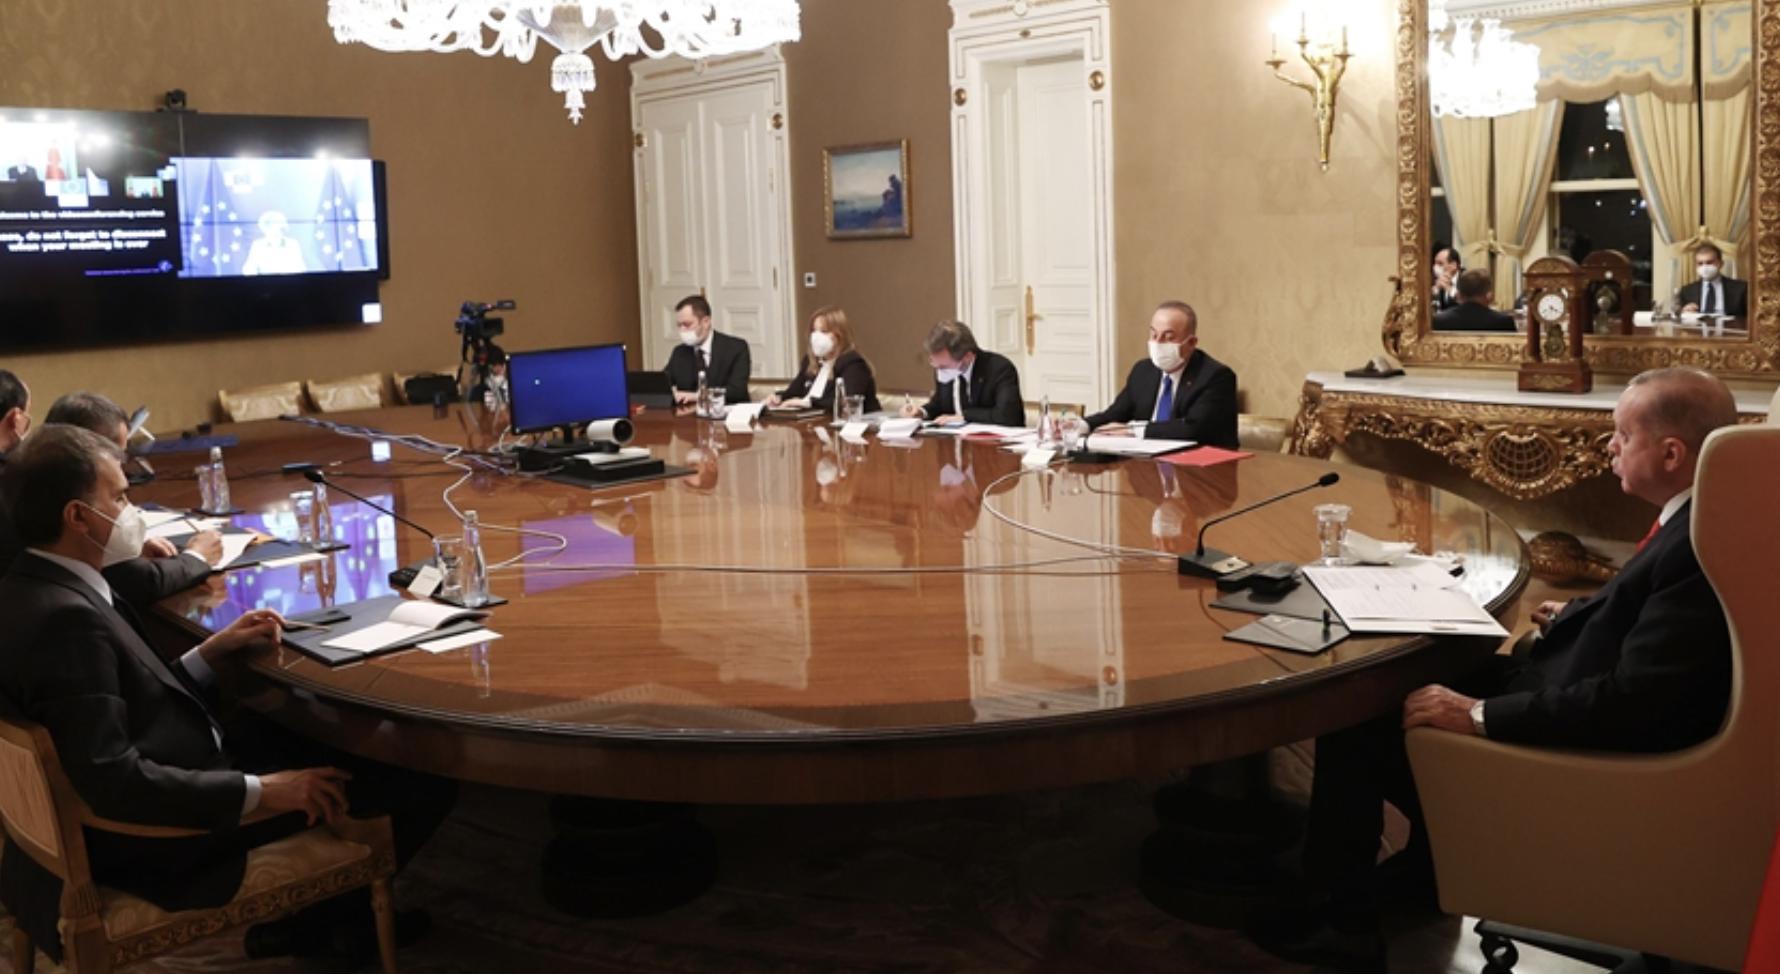 Τουρκία: Επικοινωνία Erdogan von der Leyen εν' όψη της Συνόδου Κορυφής της ΕΕ